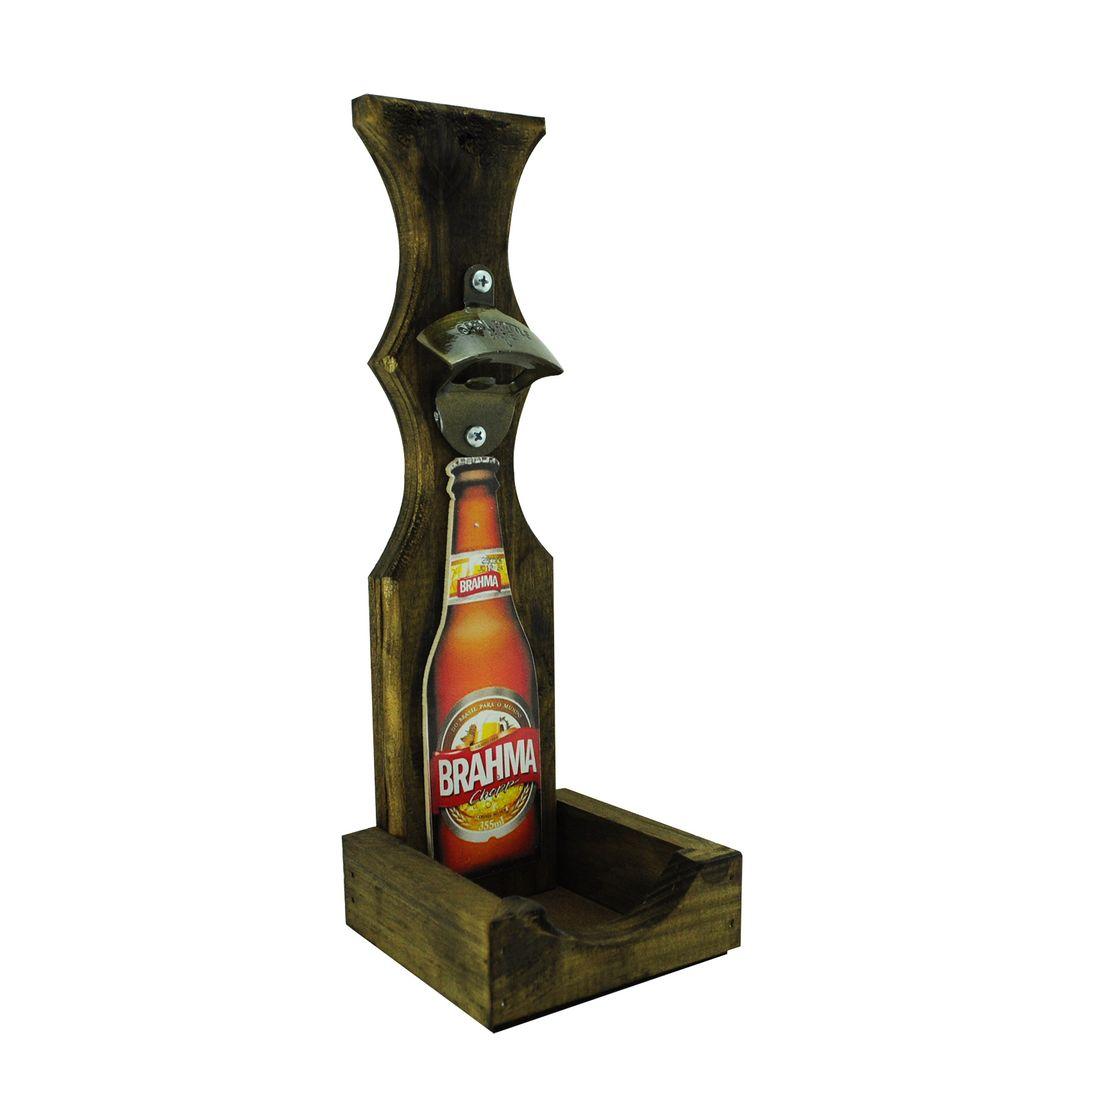 Abridor-Garrafa-Parede-Cerveja-Brahma-Lazer-Churrasco-Madeira-Pinus